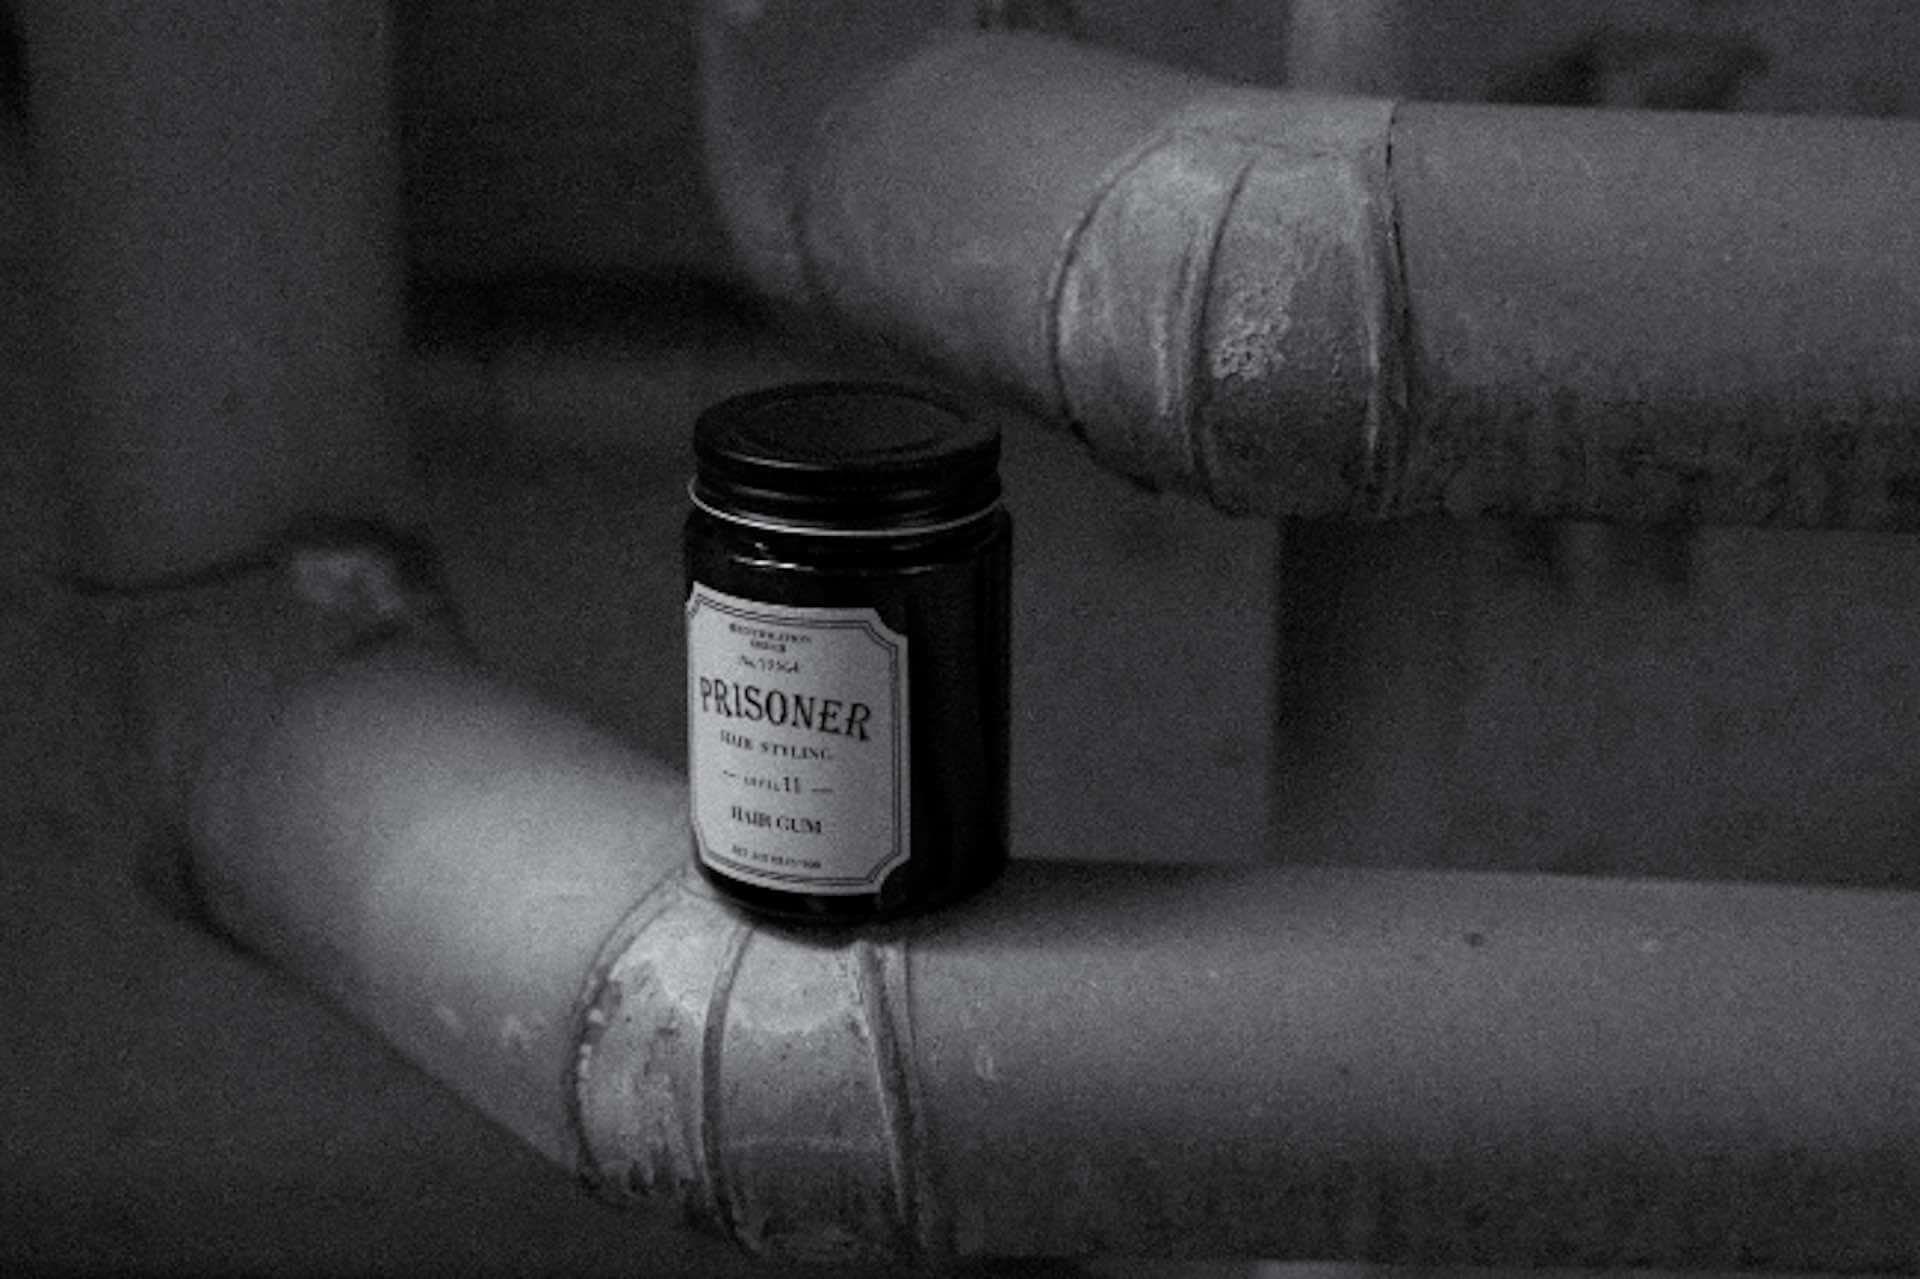 パサつかないバーム系ハードワックス『HAIR GUM』がPRISONERから発売決定!フレッシュなミックスシトラスの香り付き lf210107_prisoner_3-1920x1279